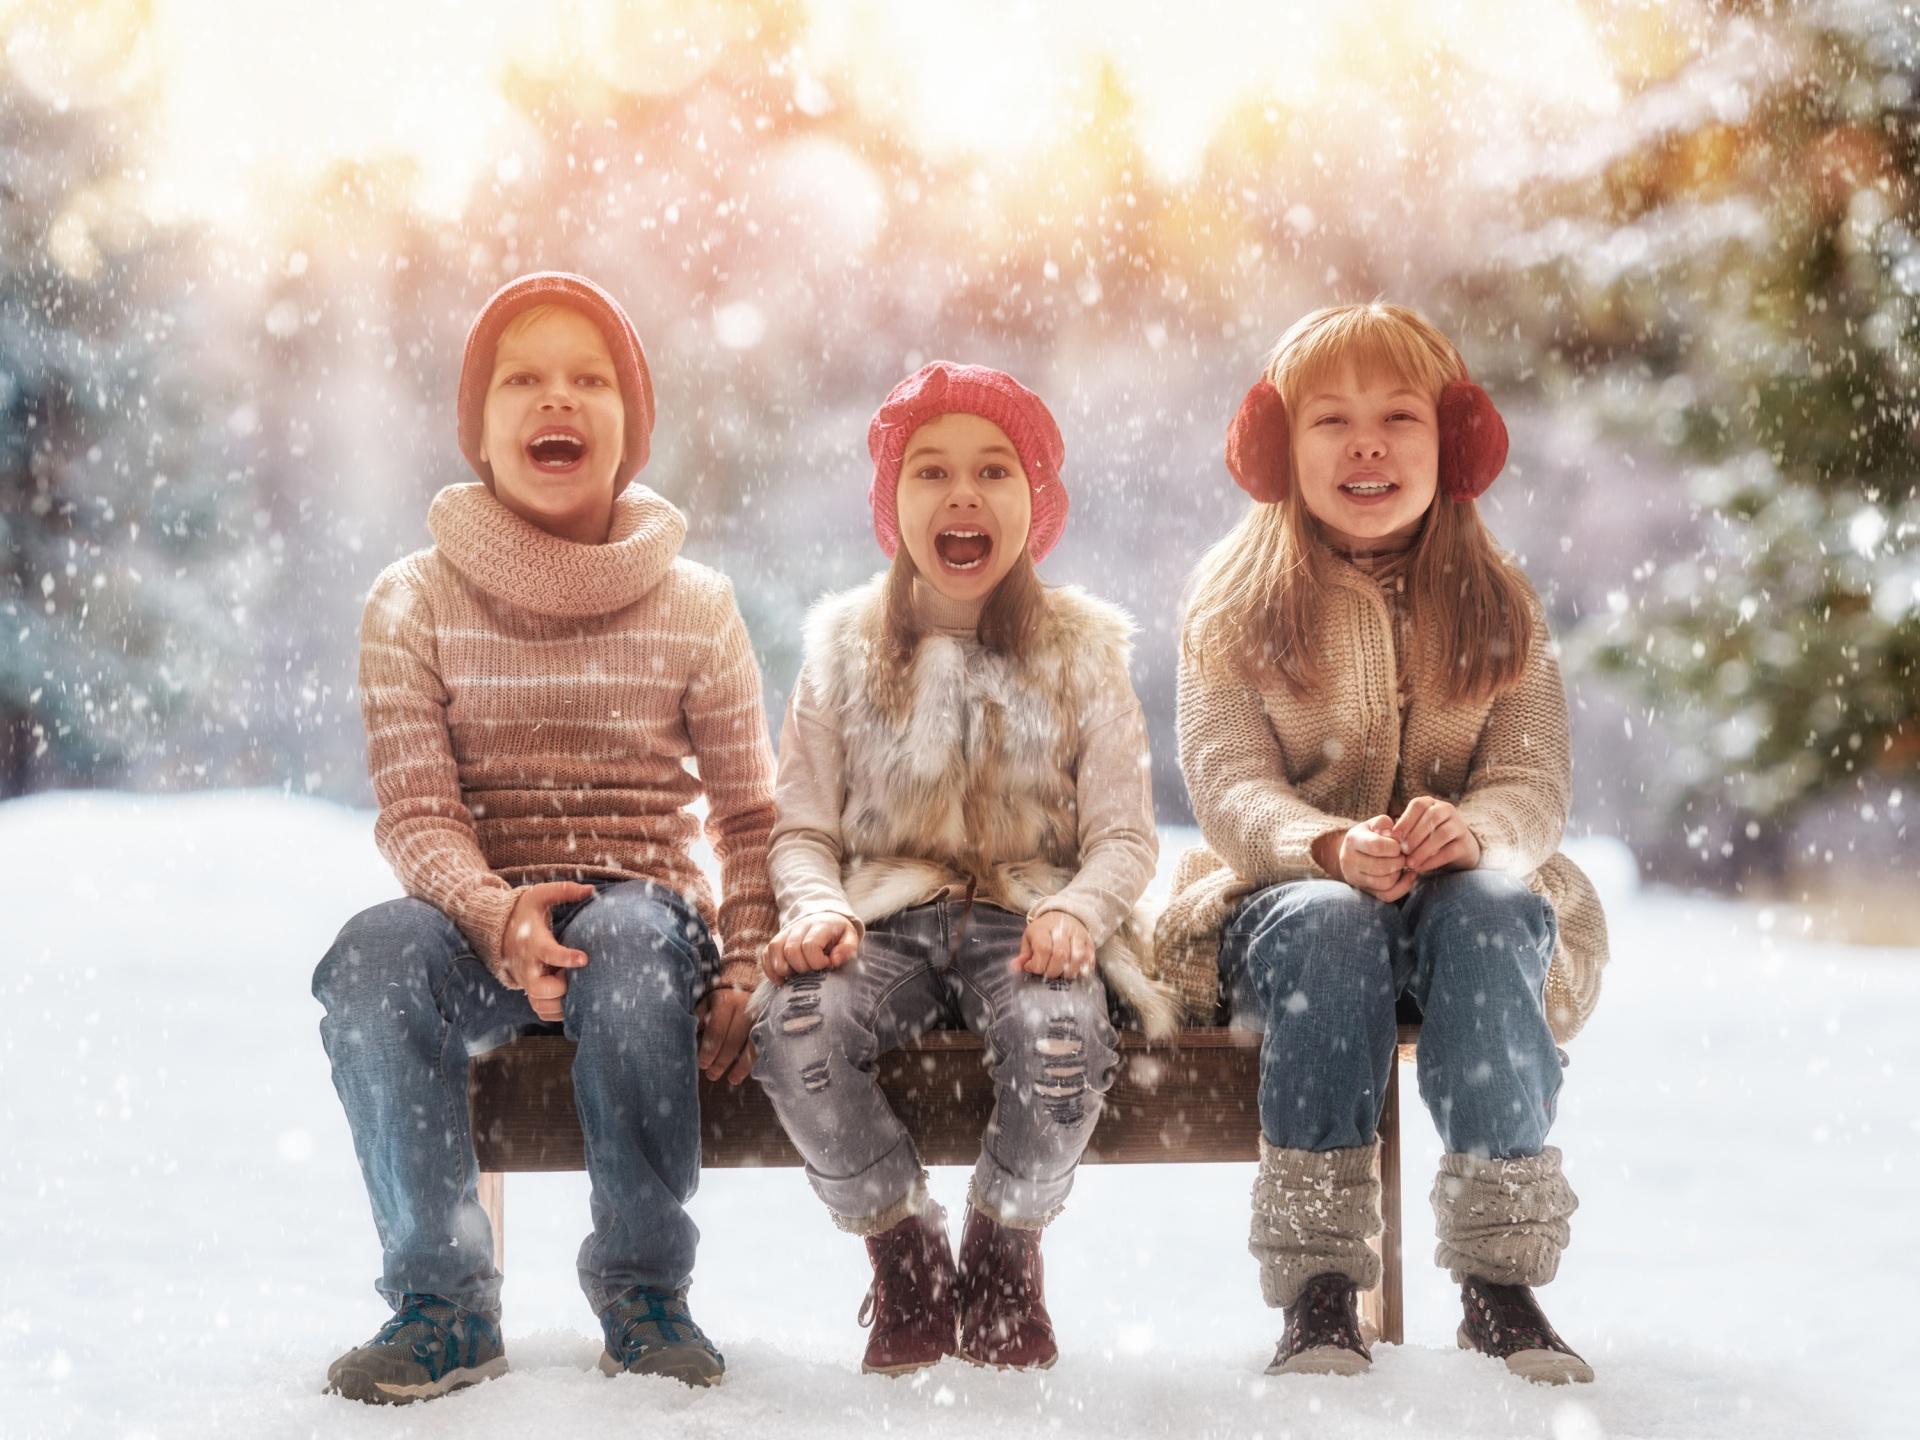 Fotos von Kleine Mädchen jungen glückliches Kinder Winter Jeans Schnee sitzen Drei 3 1920x1440 Junge Freude Glücklich fröhlicher glückliche fröhliches glücklicher sitzt Sitzend